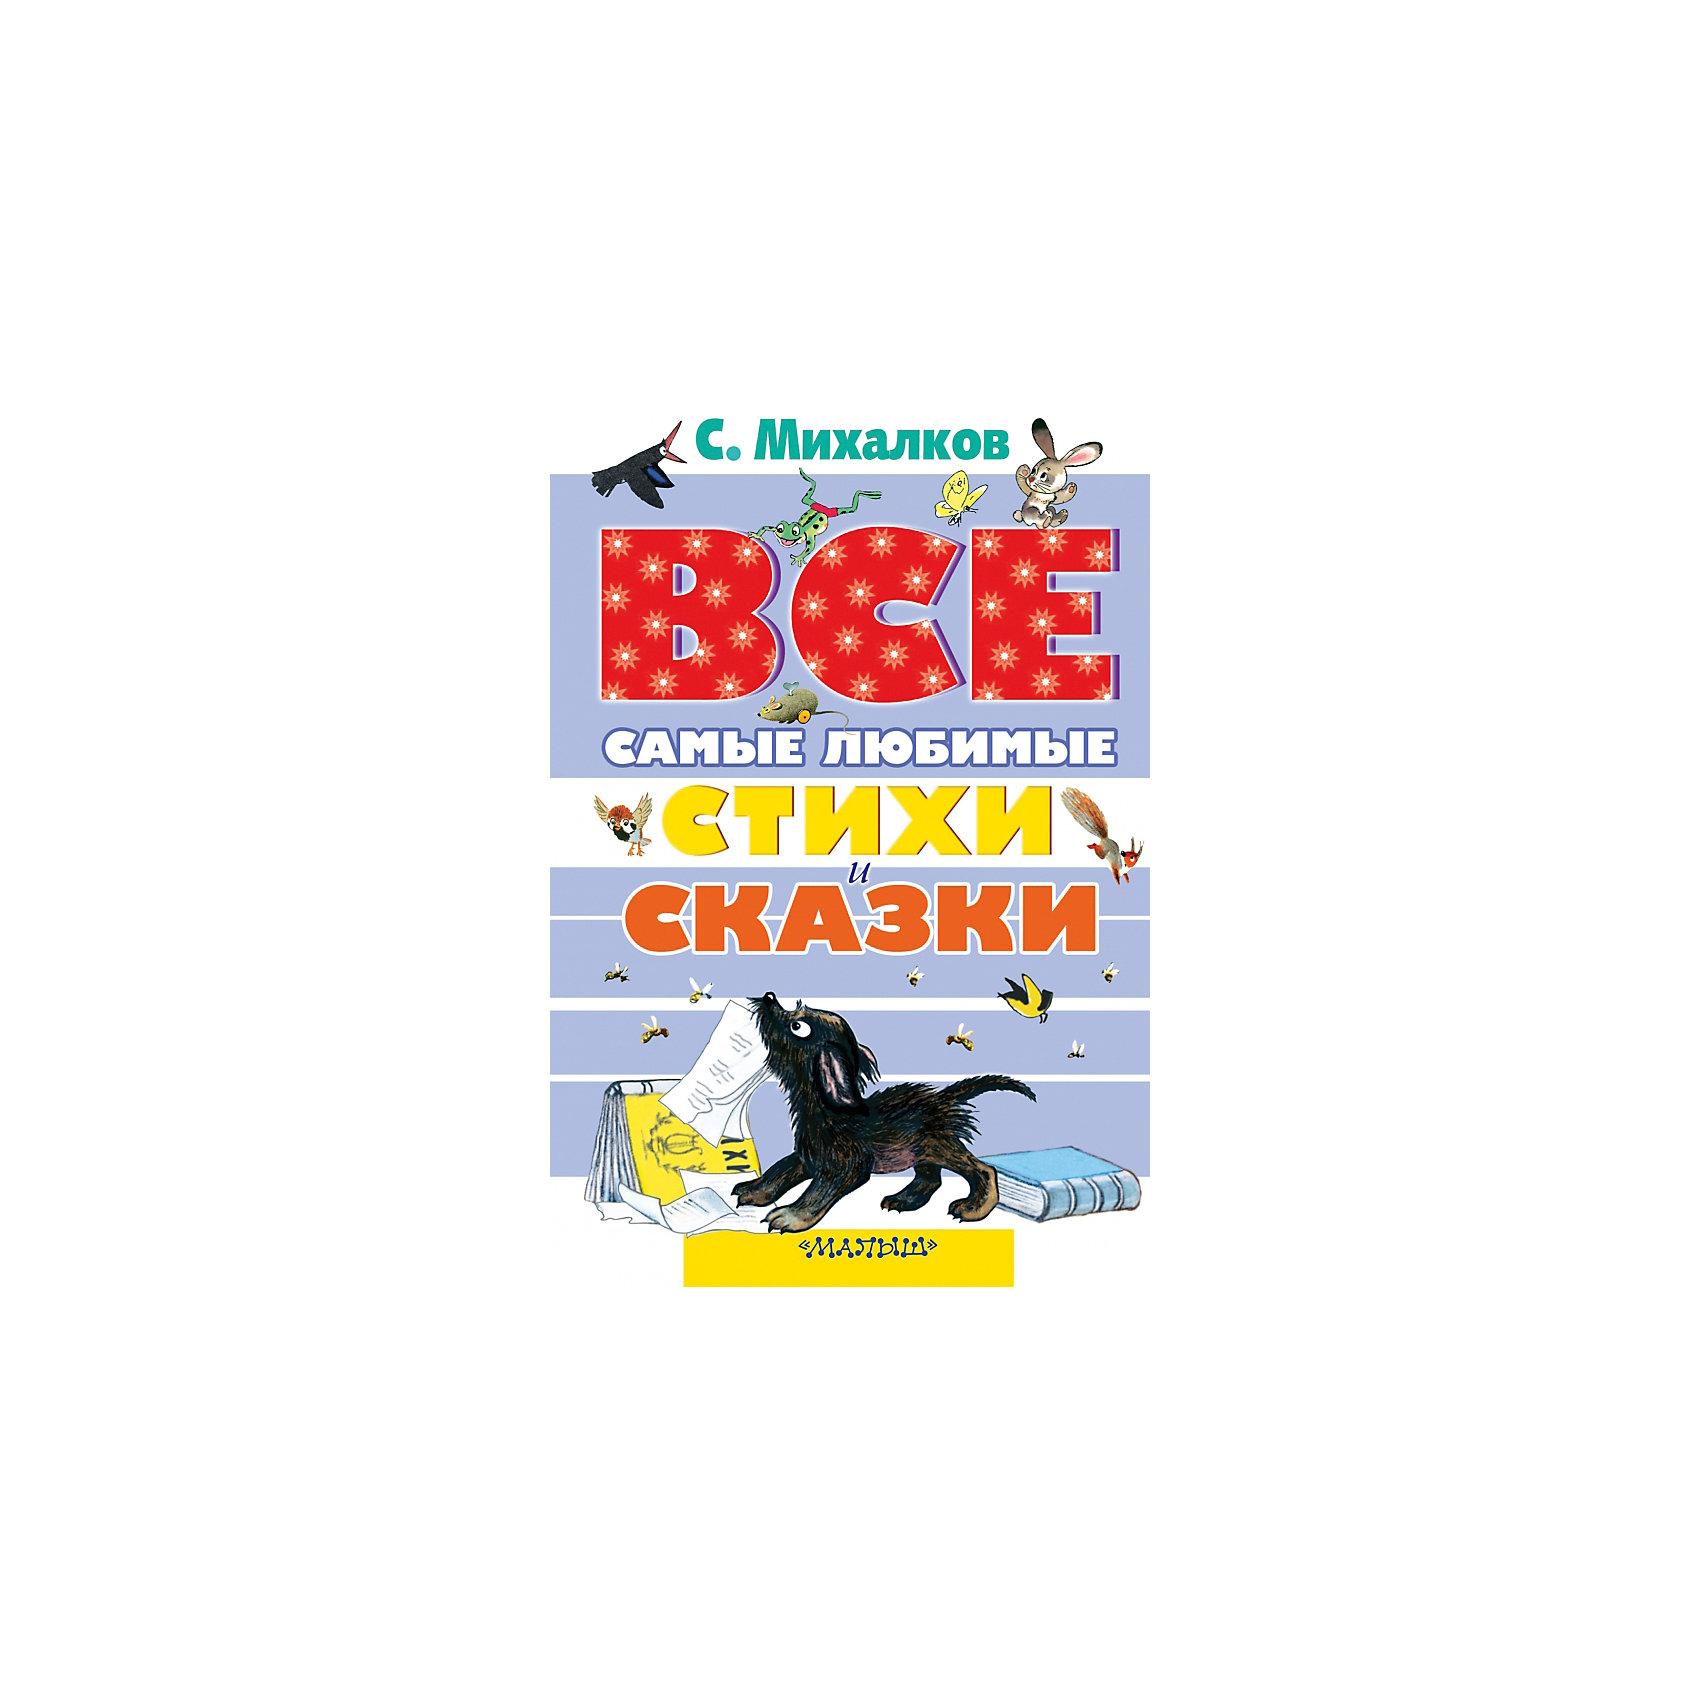 Все самые любимые стихи и сказки, С. МихалковСамые лучшие стихи и сказки знаменитого Сергея Михалкова с яркими и цветными картинками в самом большом сборнике! Здесь вас встретит Дядя Стёпа, весёлый щенок Трезор и непослушные зверята. Вы попадете в самый настоящий цирк, разгадаете интересные загадки, споете весёлые песенки, а потом, прочитав эту интересную книжку, будете с радостью рассказывать всем, какой отличный подарок вам сделали взрослые – книжку Сергея Михалкова! А, может быть, вы сами её подарите мамам и папам? Ведь они тоже любят эти весёлые и знакомые каждому с детства произведения!  <br><br>Дополнительная информация:<br><br>- Автор: Сергей Михалков.<br>- Художник: Лемкуль Федор Викторович, Савченко А., Трепенок Н. А. , Бордюг Сергей Иванович.<br>- Формат: 21,6x14,7 см.<br>- Переплет: твердый. <br>- Количество страниц: 480.<br>- Иллюстрации: цветные. <br><br>Книгу Все самые любимые стихи и сказки С. Михалкова можно купить в нашем магазине.<br><br>Внимание! В соответствии с Постановлением Правительства Российской Федерации от 19.01.1998 № 55, непродовольственные товары надлежащего качества нижеследующих категорий не подлежат возврату и обмену: непериодические издания (книги, брошюры, альбомы, картографические и нотные издания, листовые изоиздания, календари, буклеты, открытки, издания, воспроизведенные на технических носителях информации).<br><br>Ширина мм: 210<br>Глубина мм: 140<br>Высота мм: 32<br>Вес г: 675<br>Возраст от месяцев: 48<br>Возраст до месяцев: 72<br>Пол: Унисекс<br>Возраст: Детский<br>SKU: 4760098